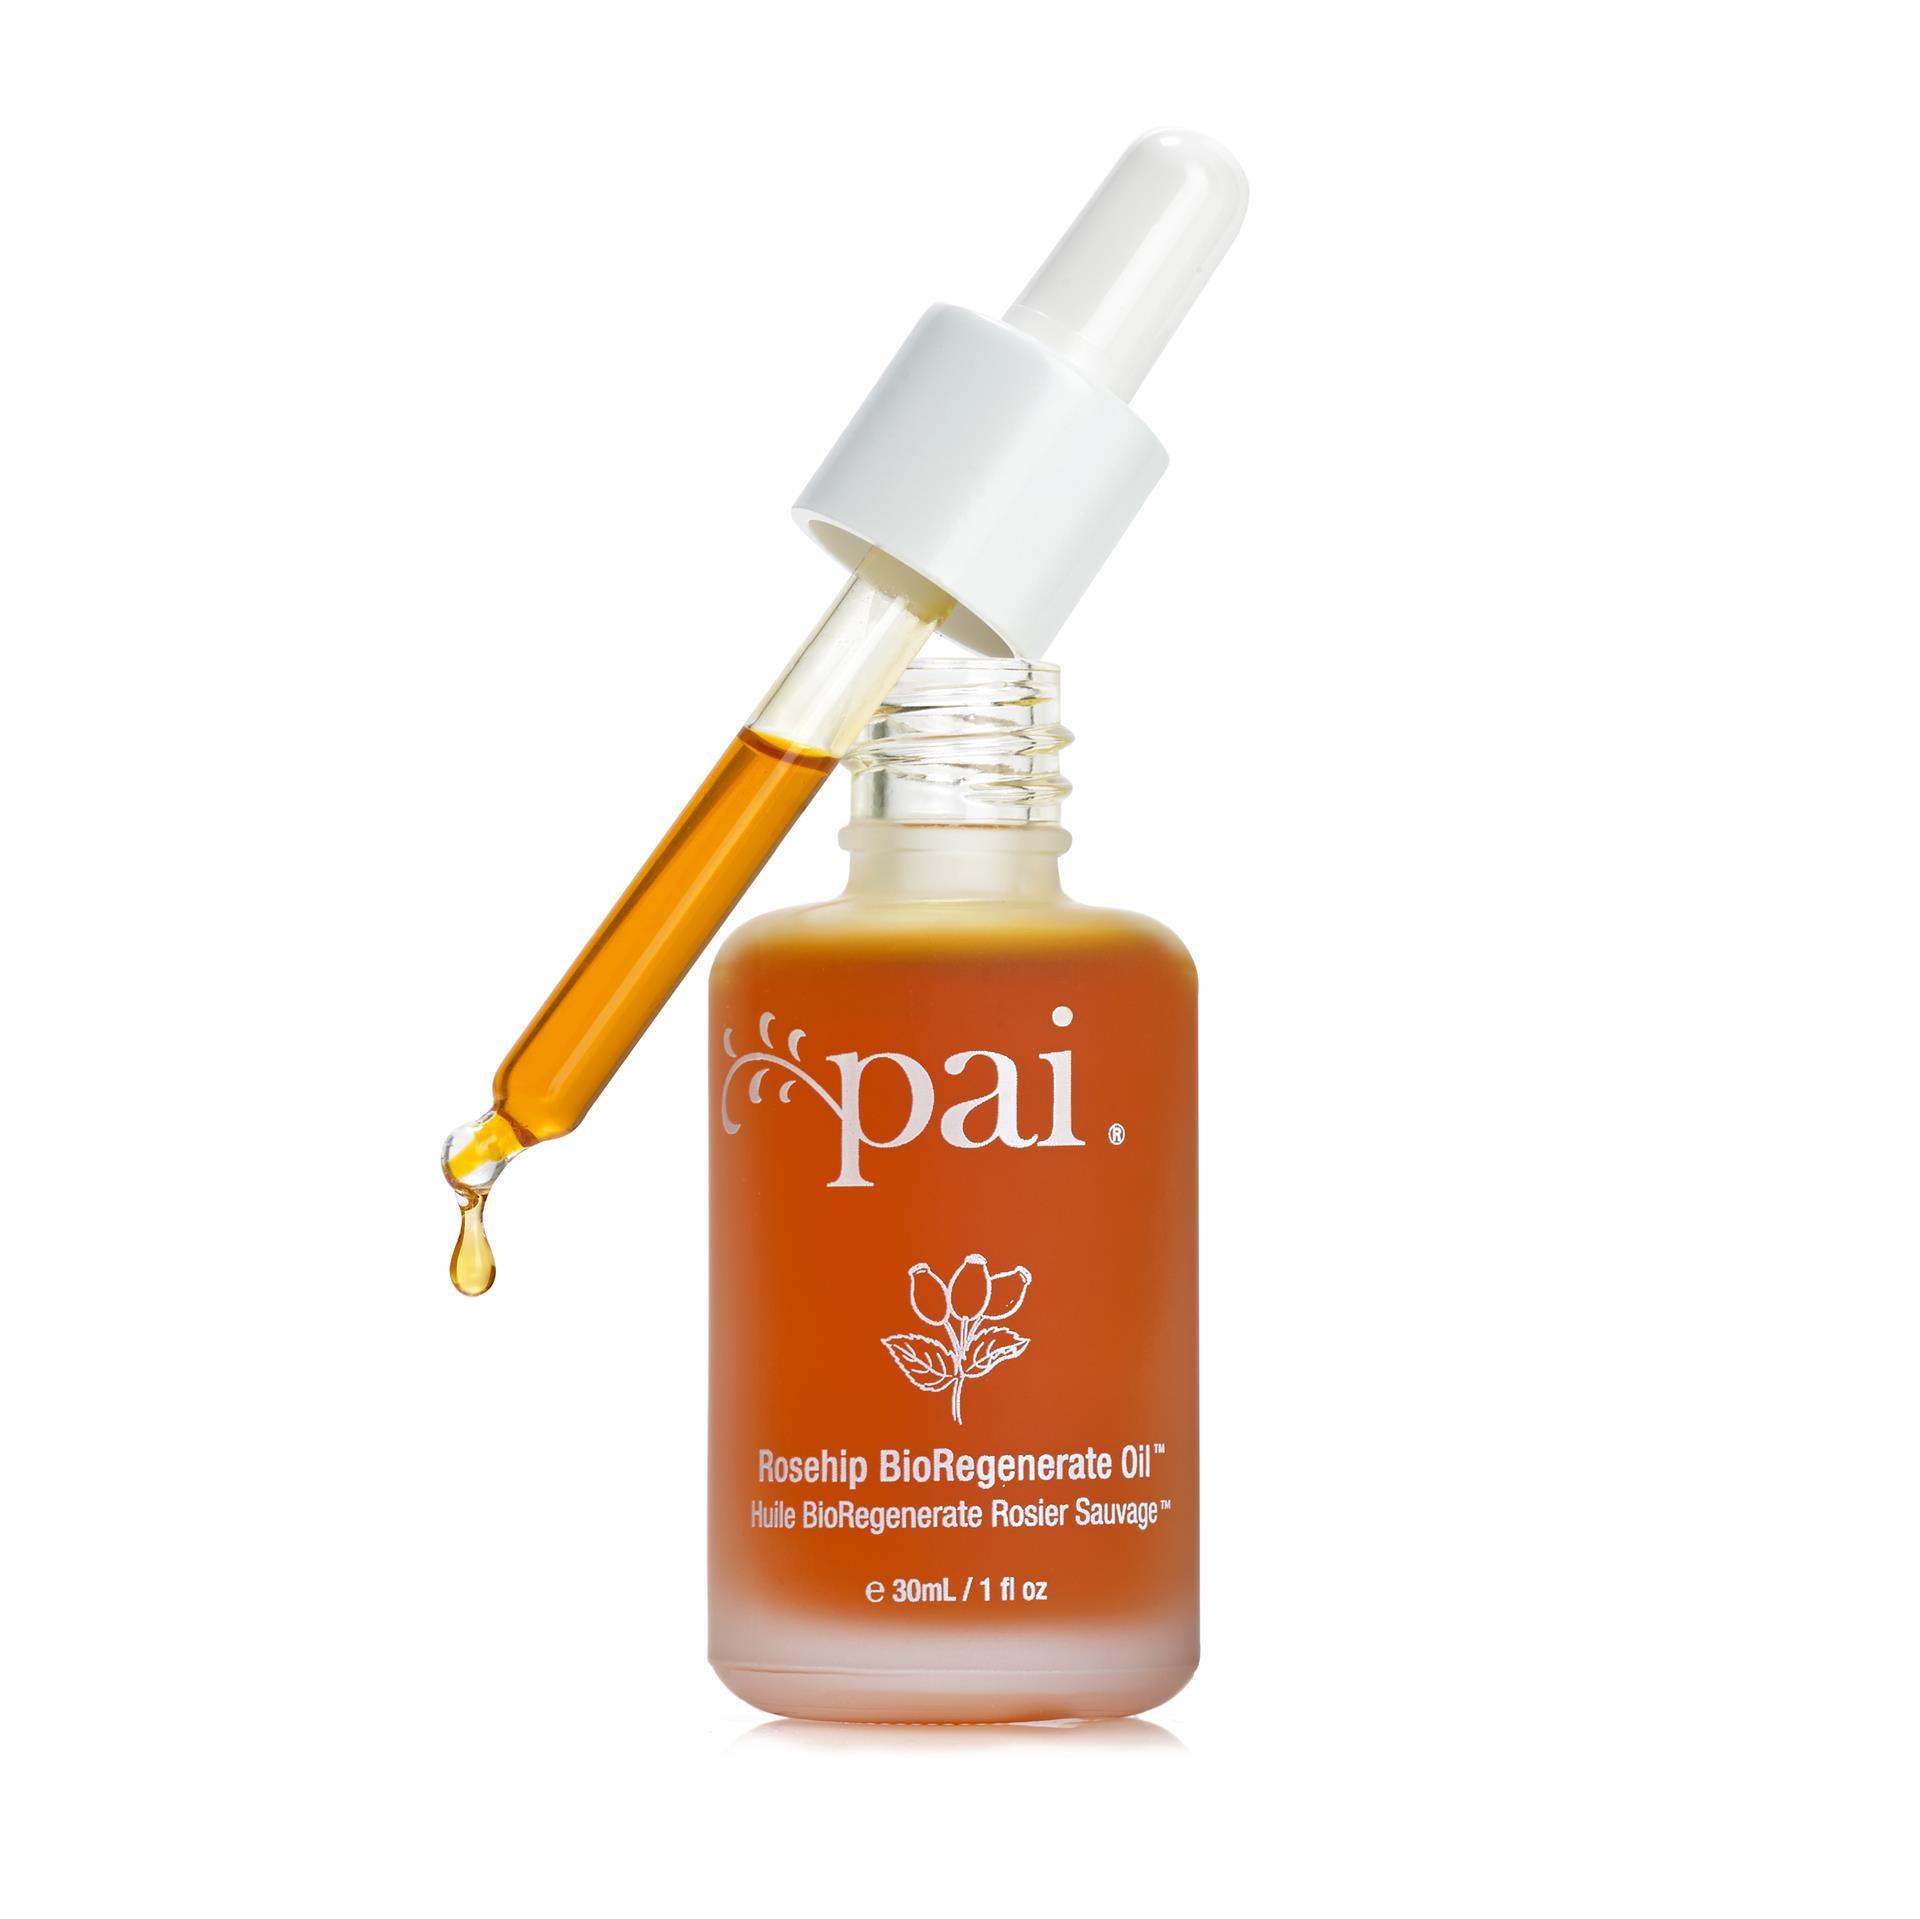 pai skincare beauty routine vegan